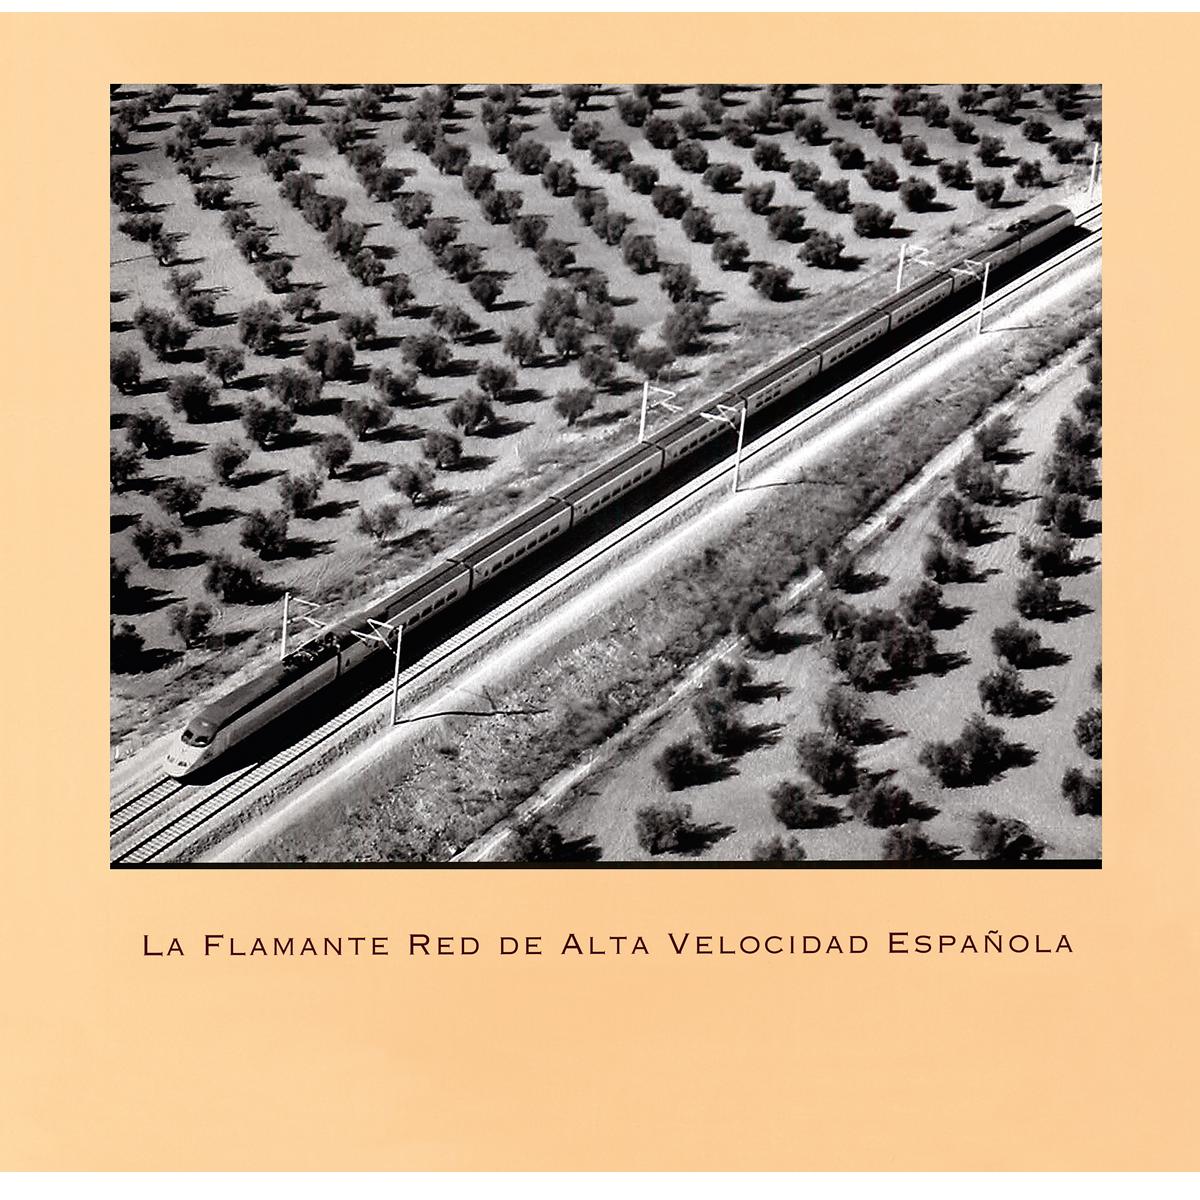 La flamante red  de alta velocidad española